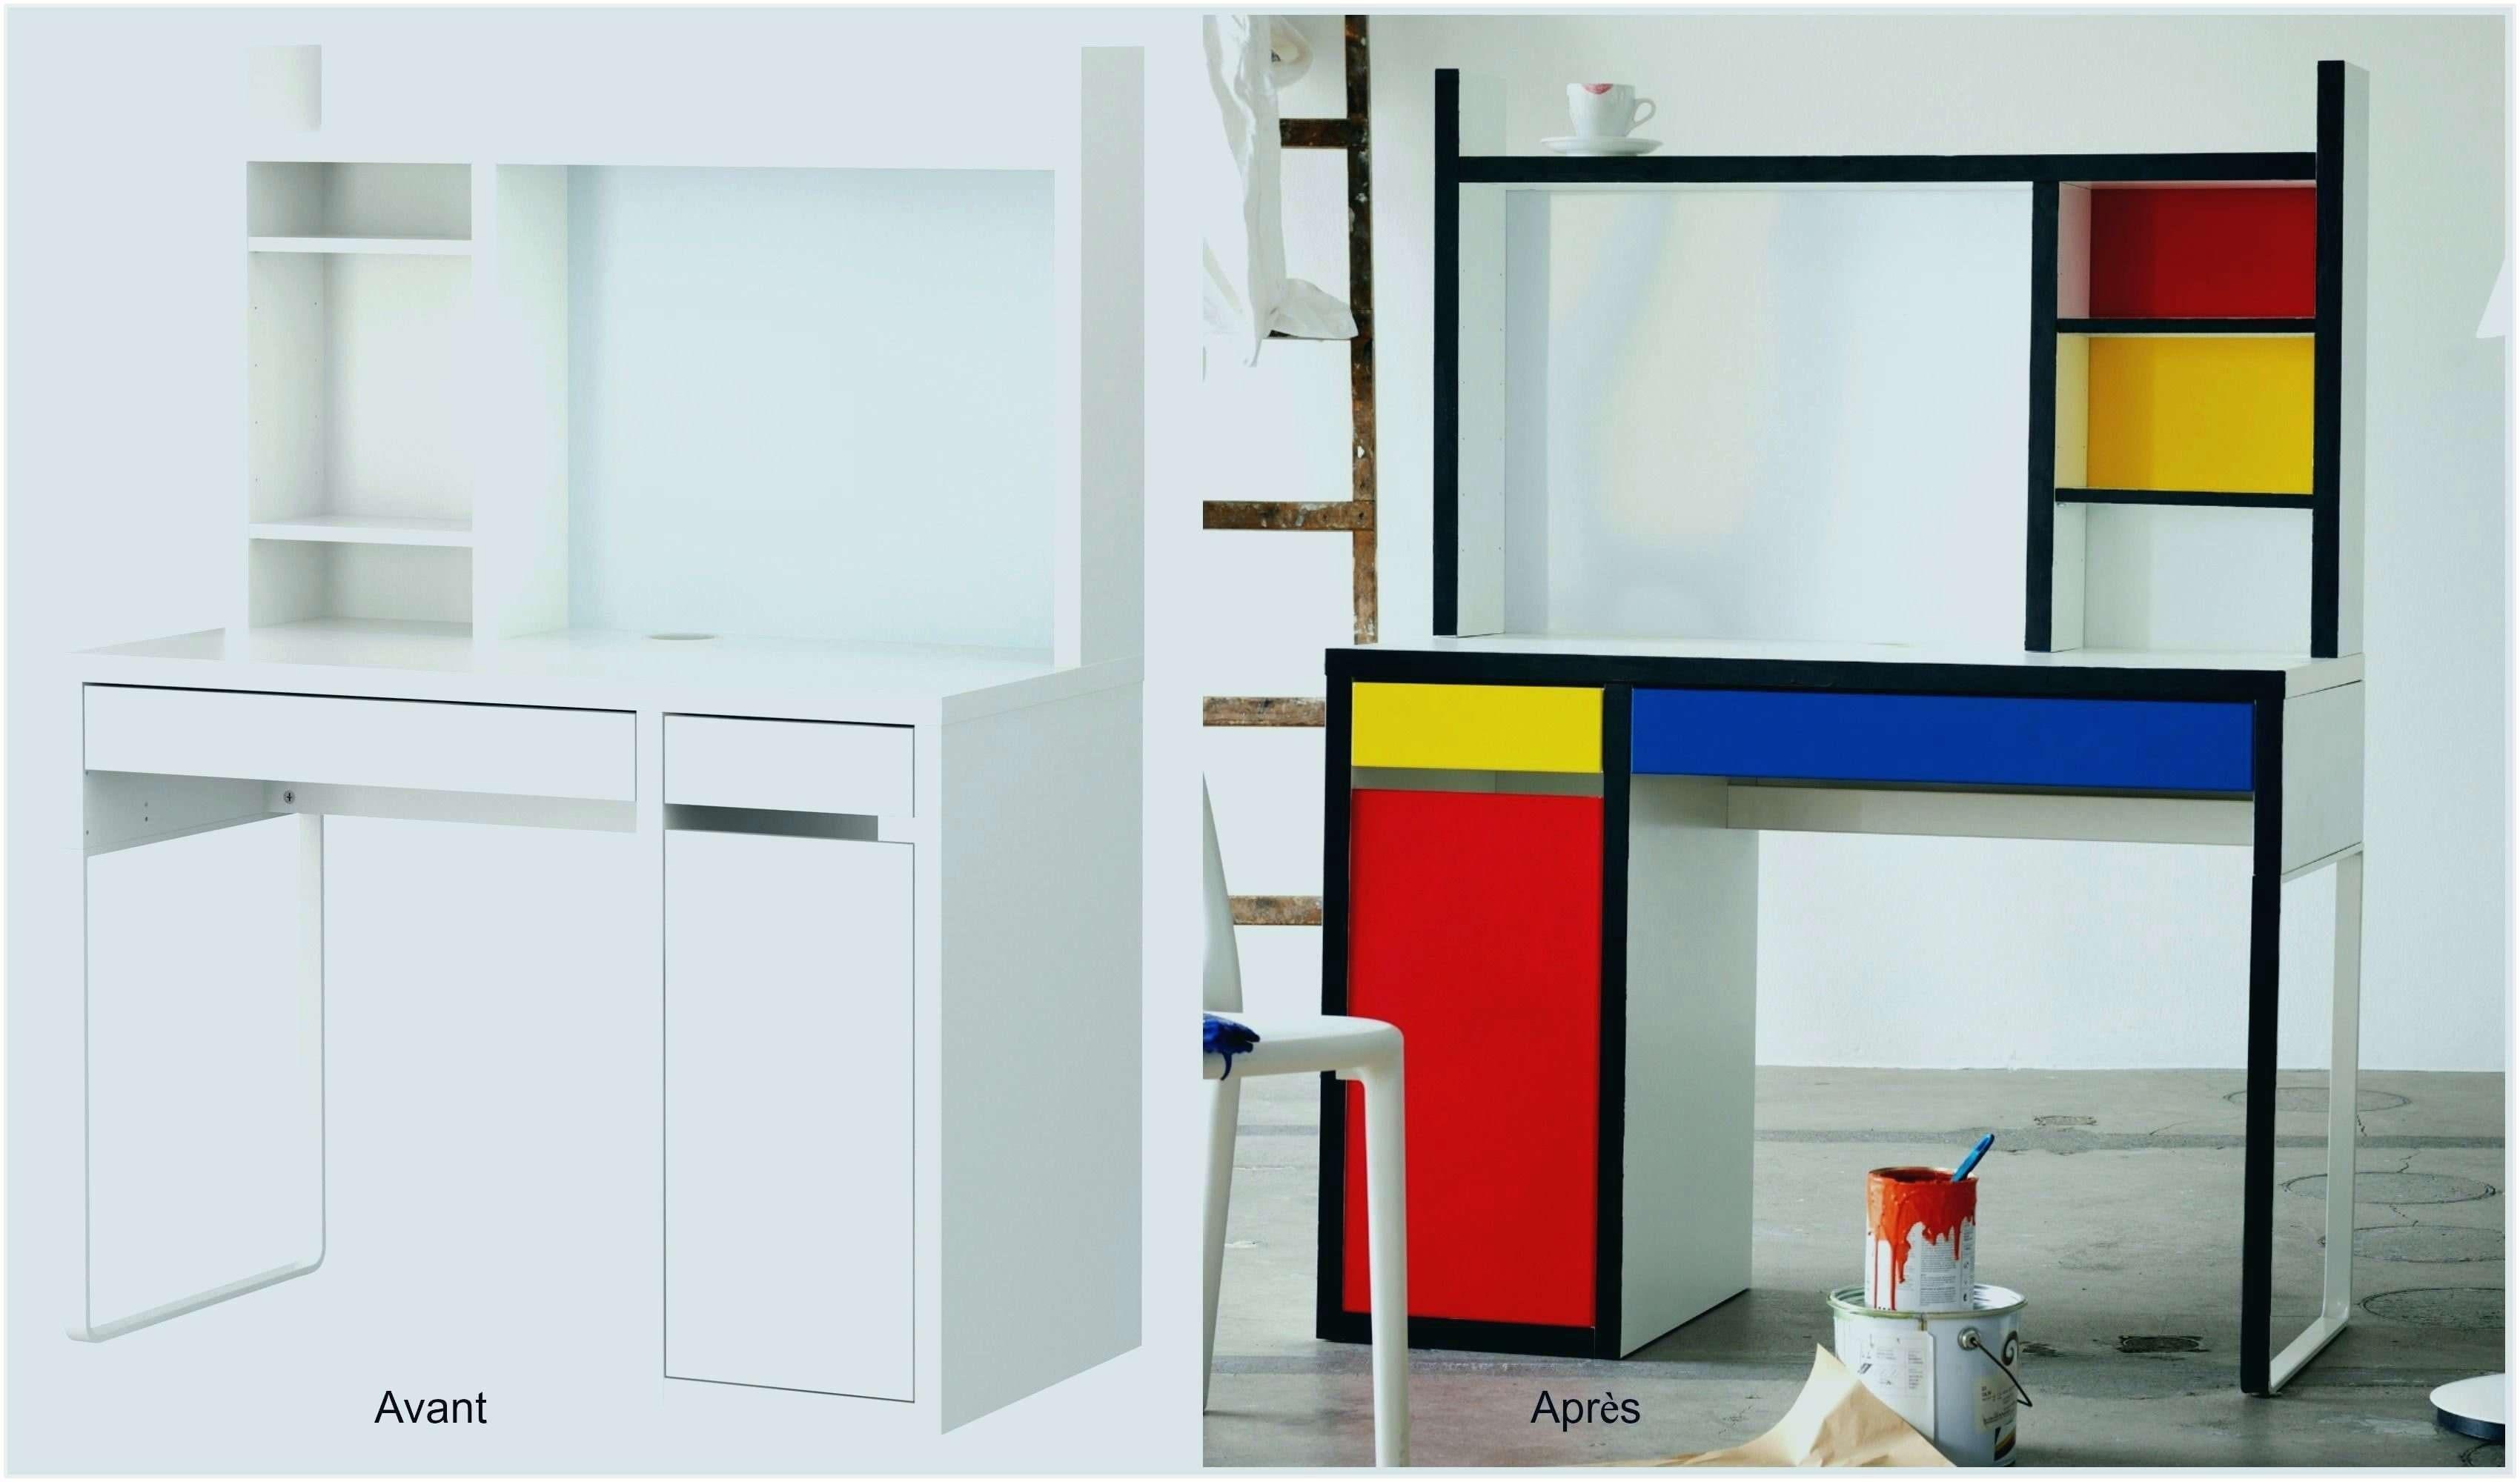 Lit Bureau Ikea Bel Luxe Extraordinaire Bureau Angle Ikea But Trendy New Study Reveals